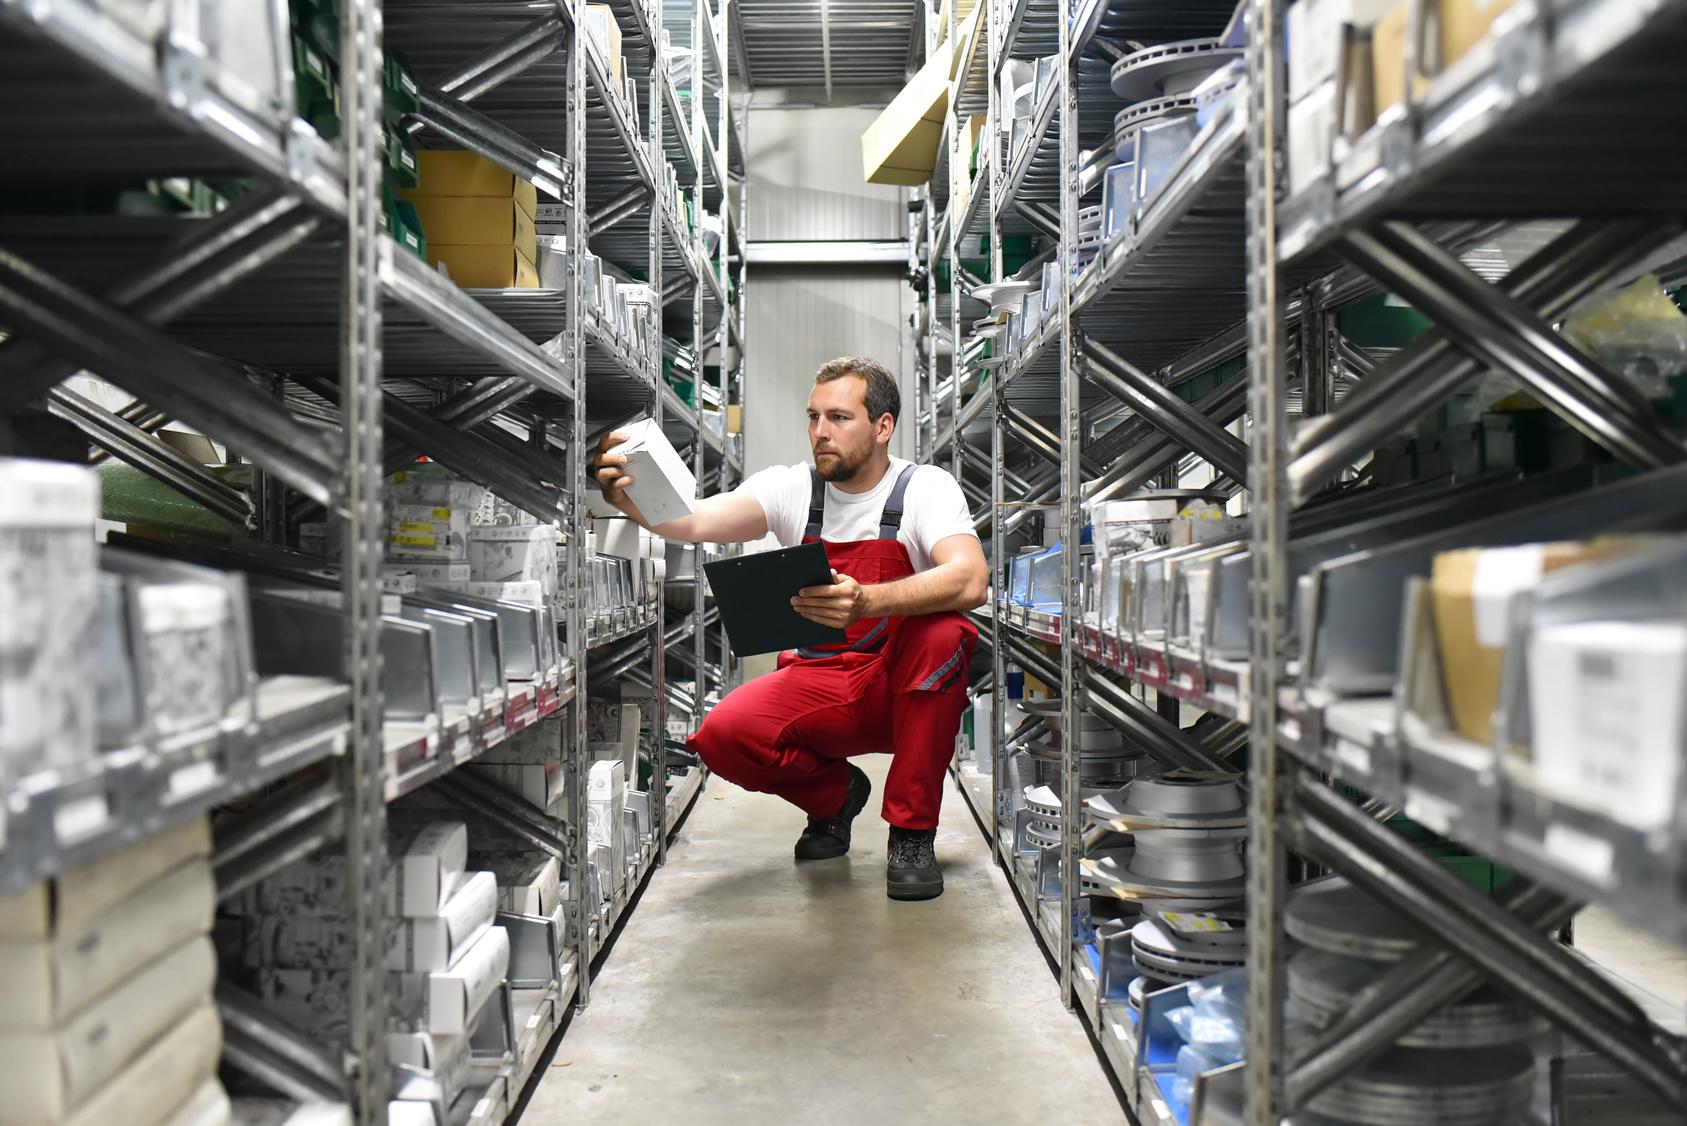 Logistikmeister/in im Warenlager